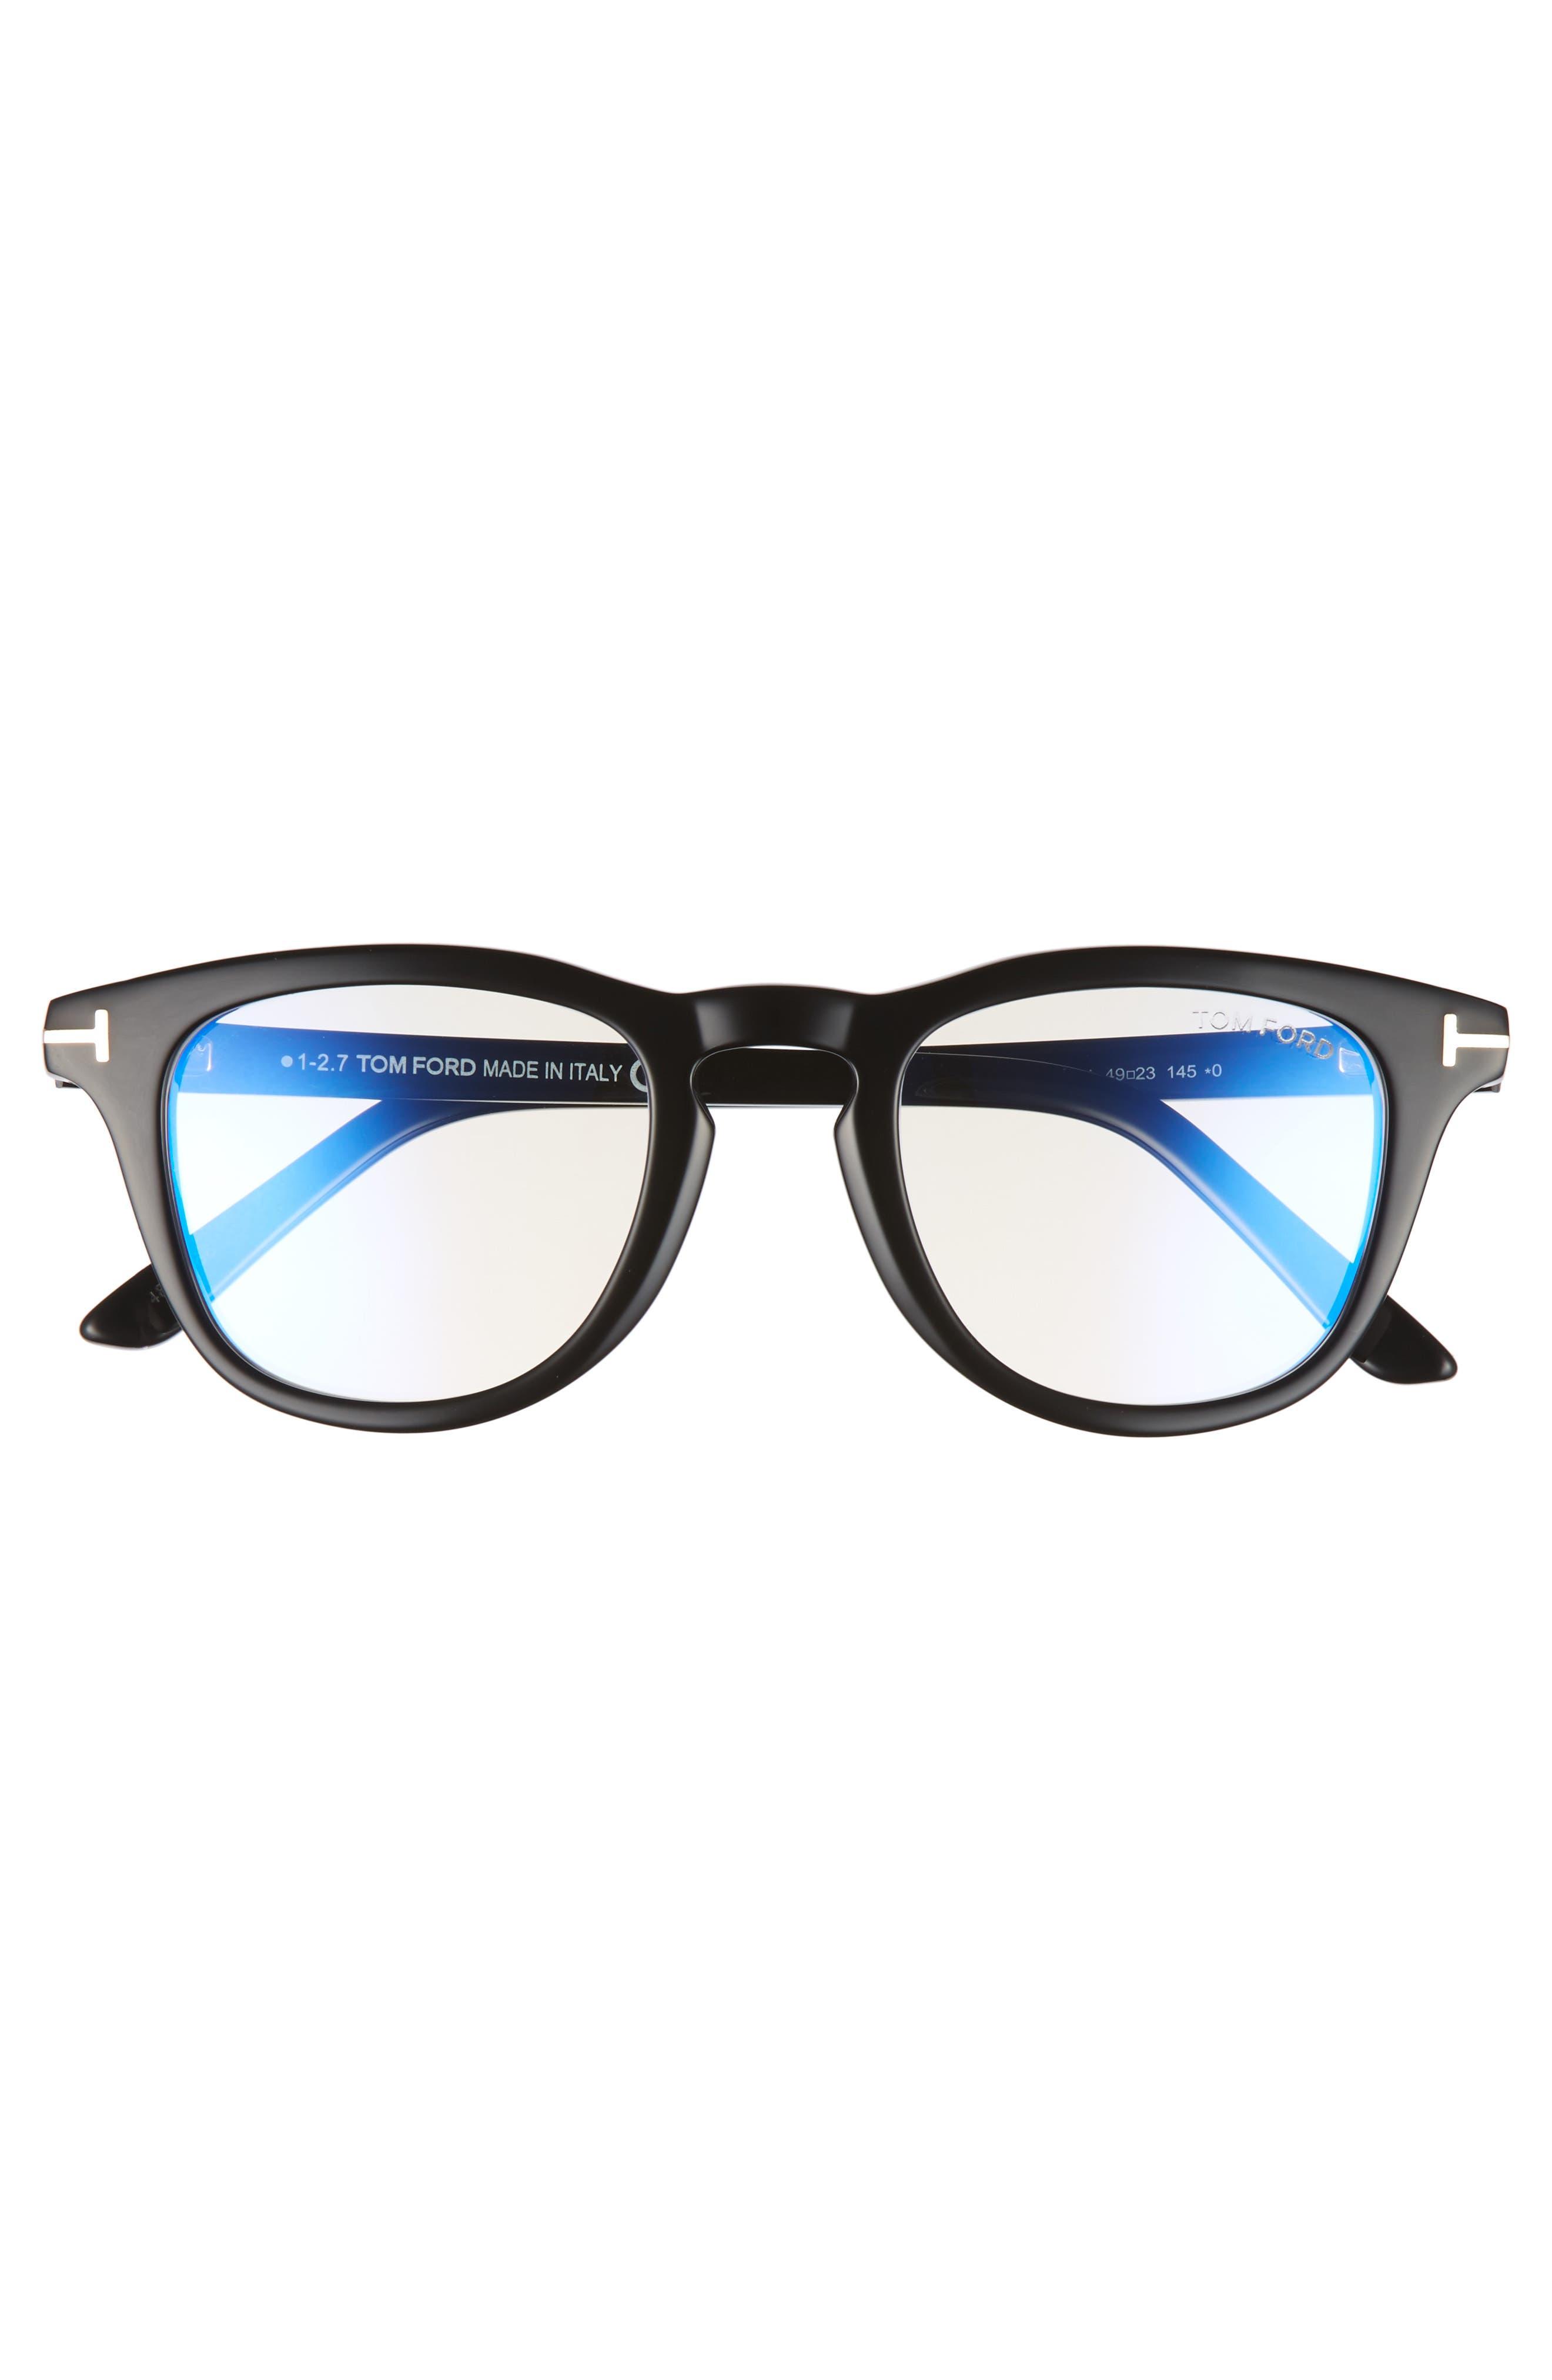 49mm Blue Block Optical Glasses,                             Alternate thumbnail 3, color,                             SHINY BLACK/ BLUE